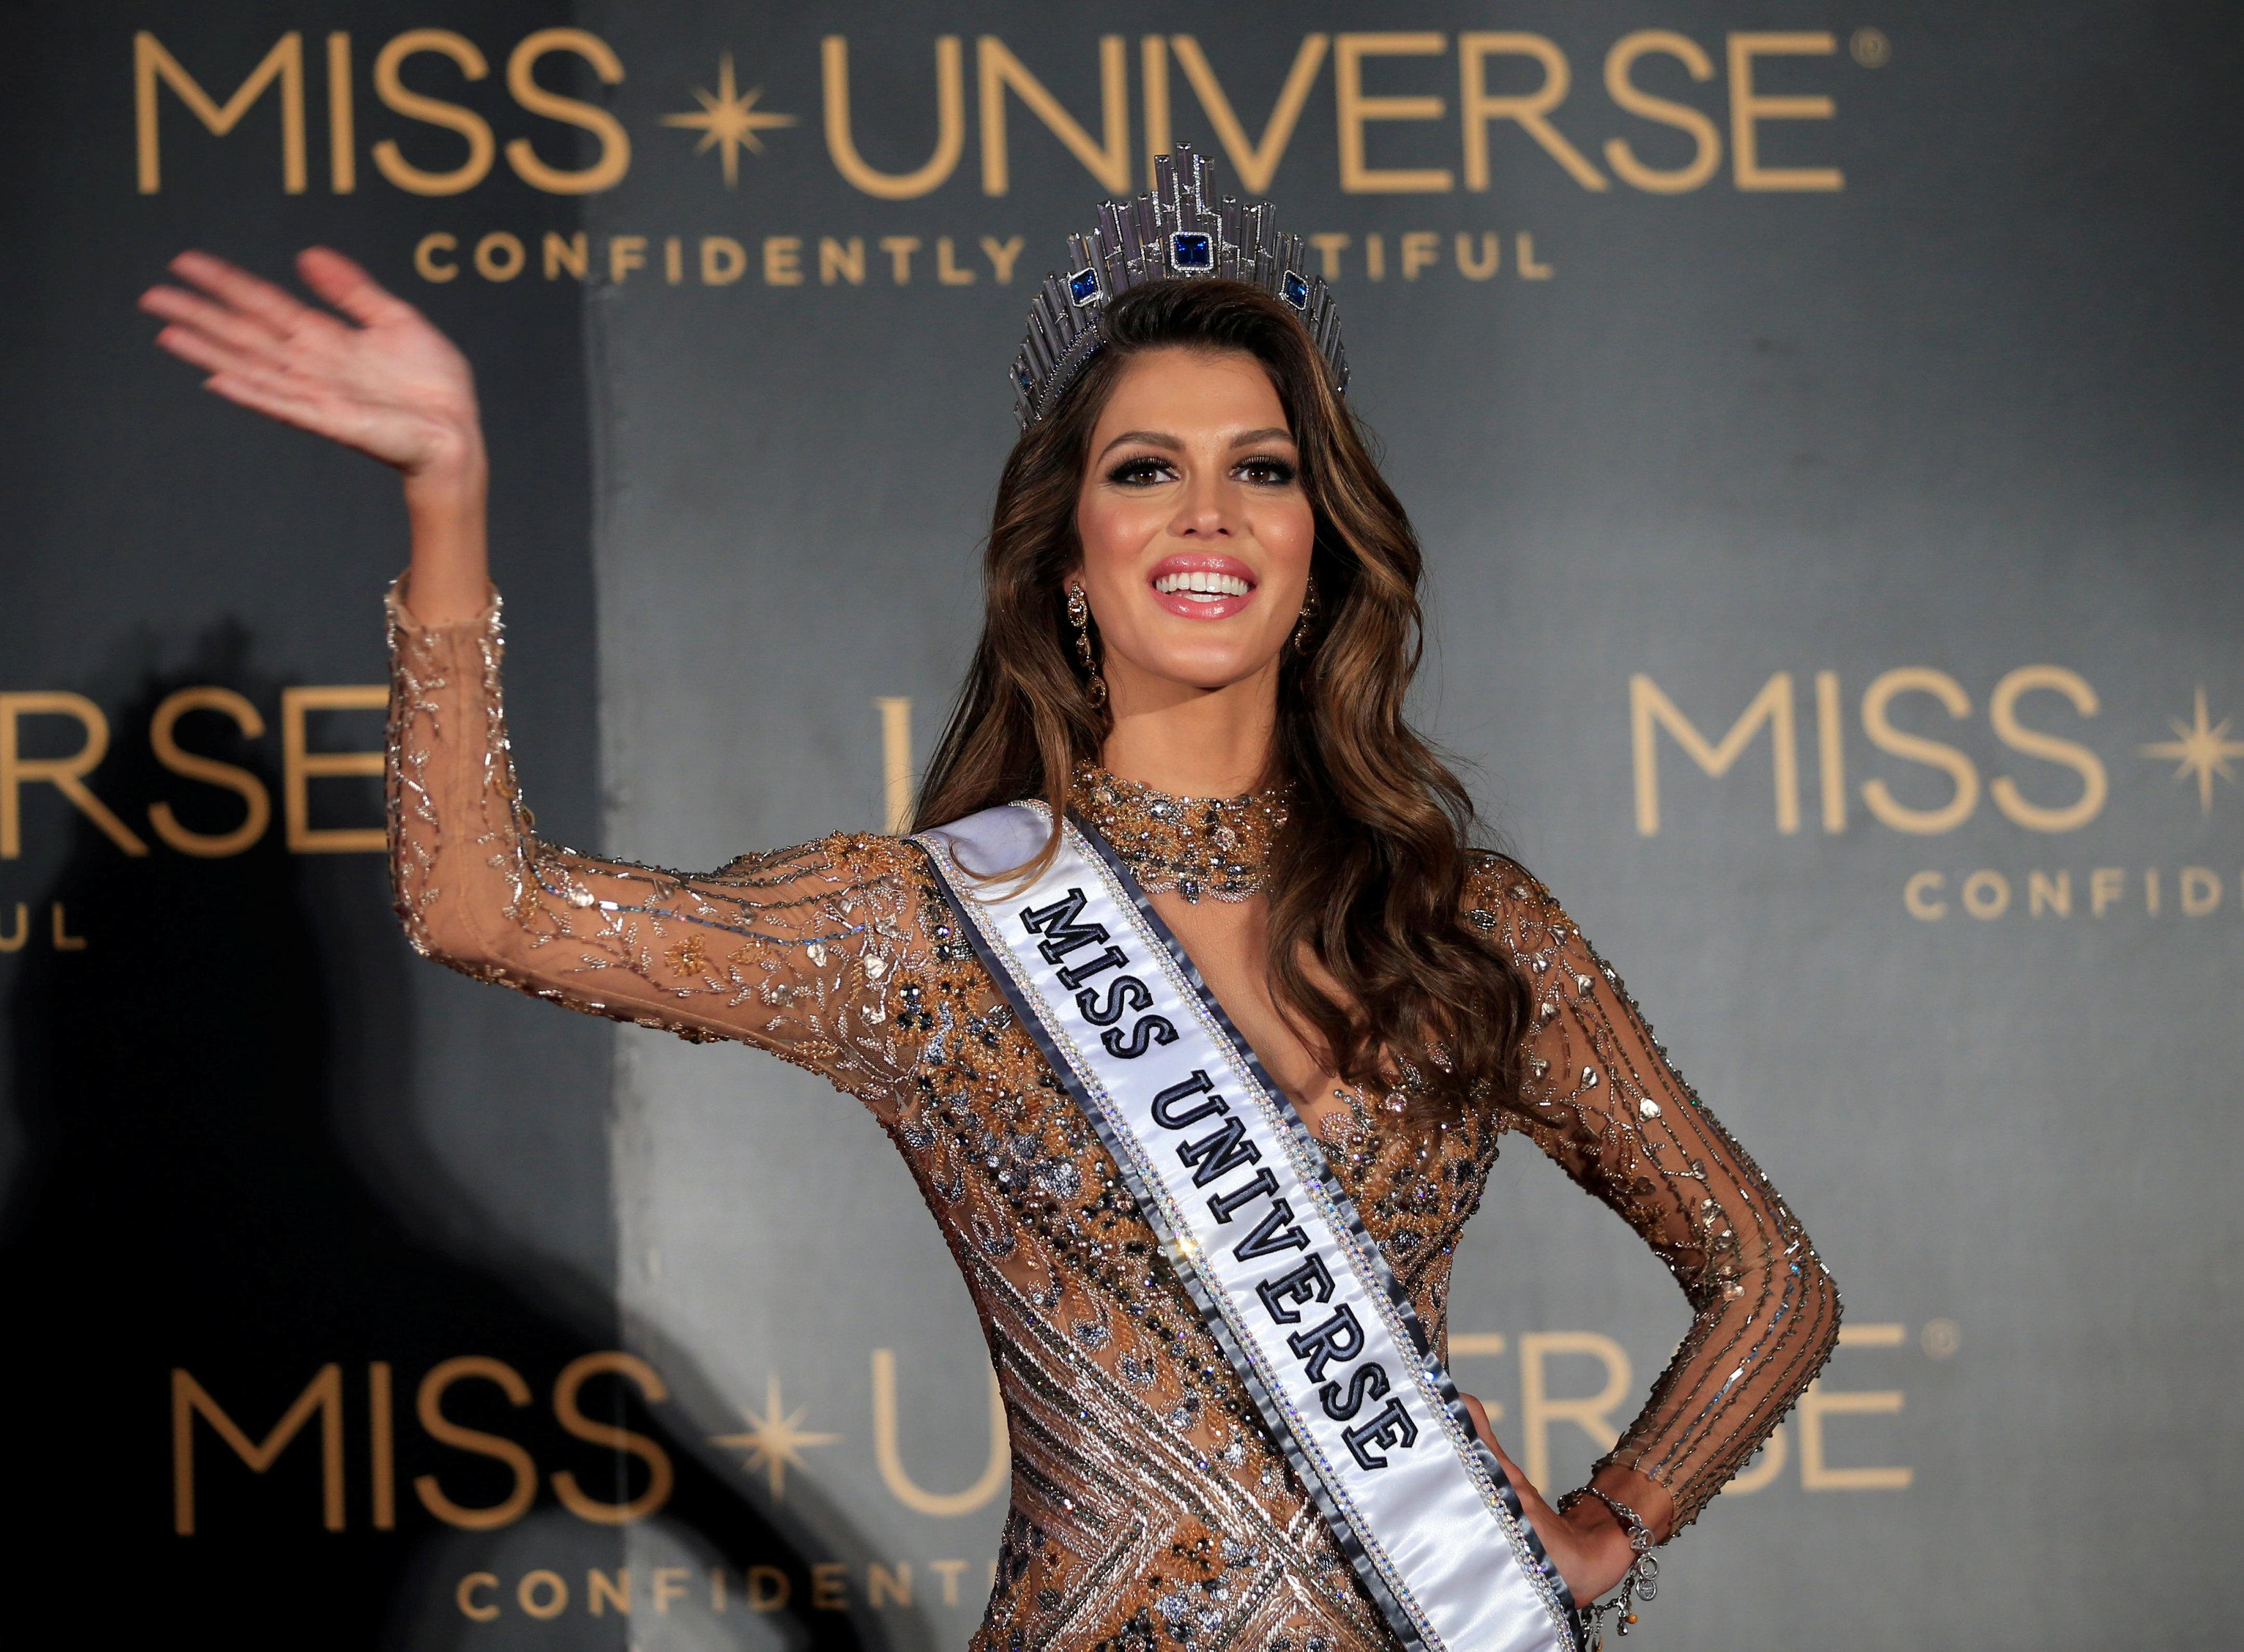 ملكة جمال العالم إيريس ميتينير